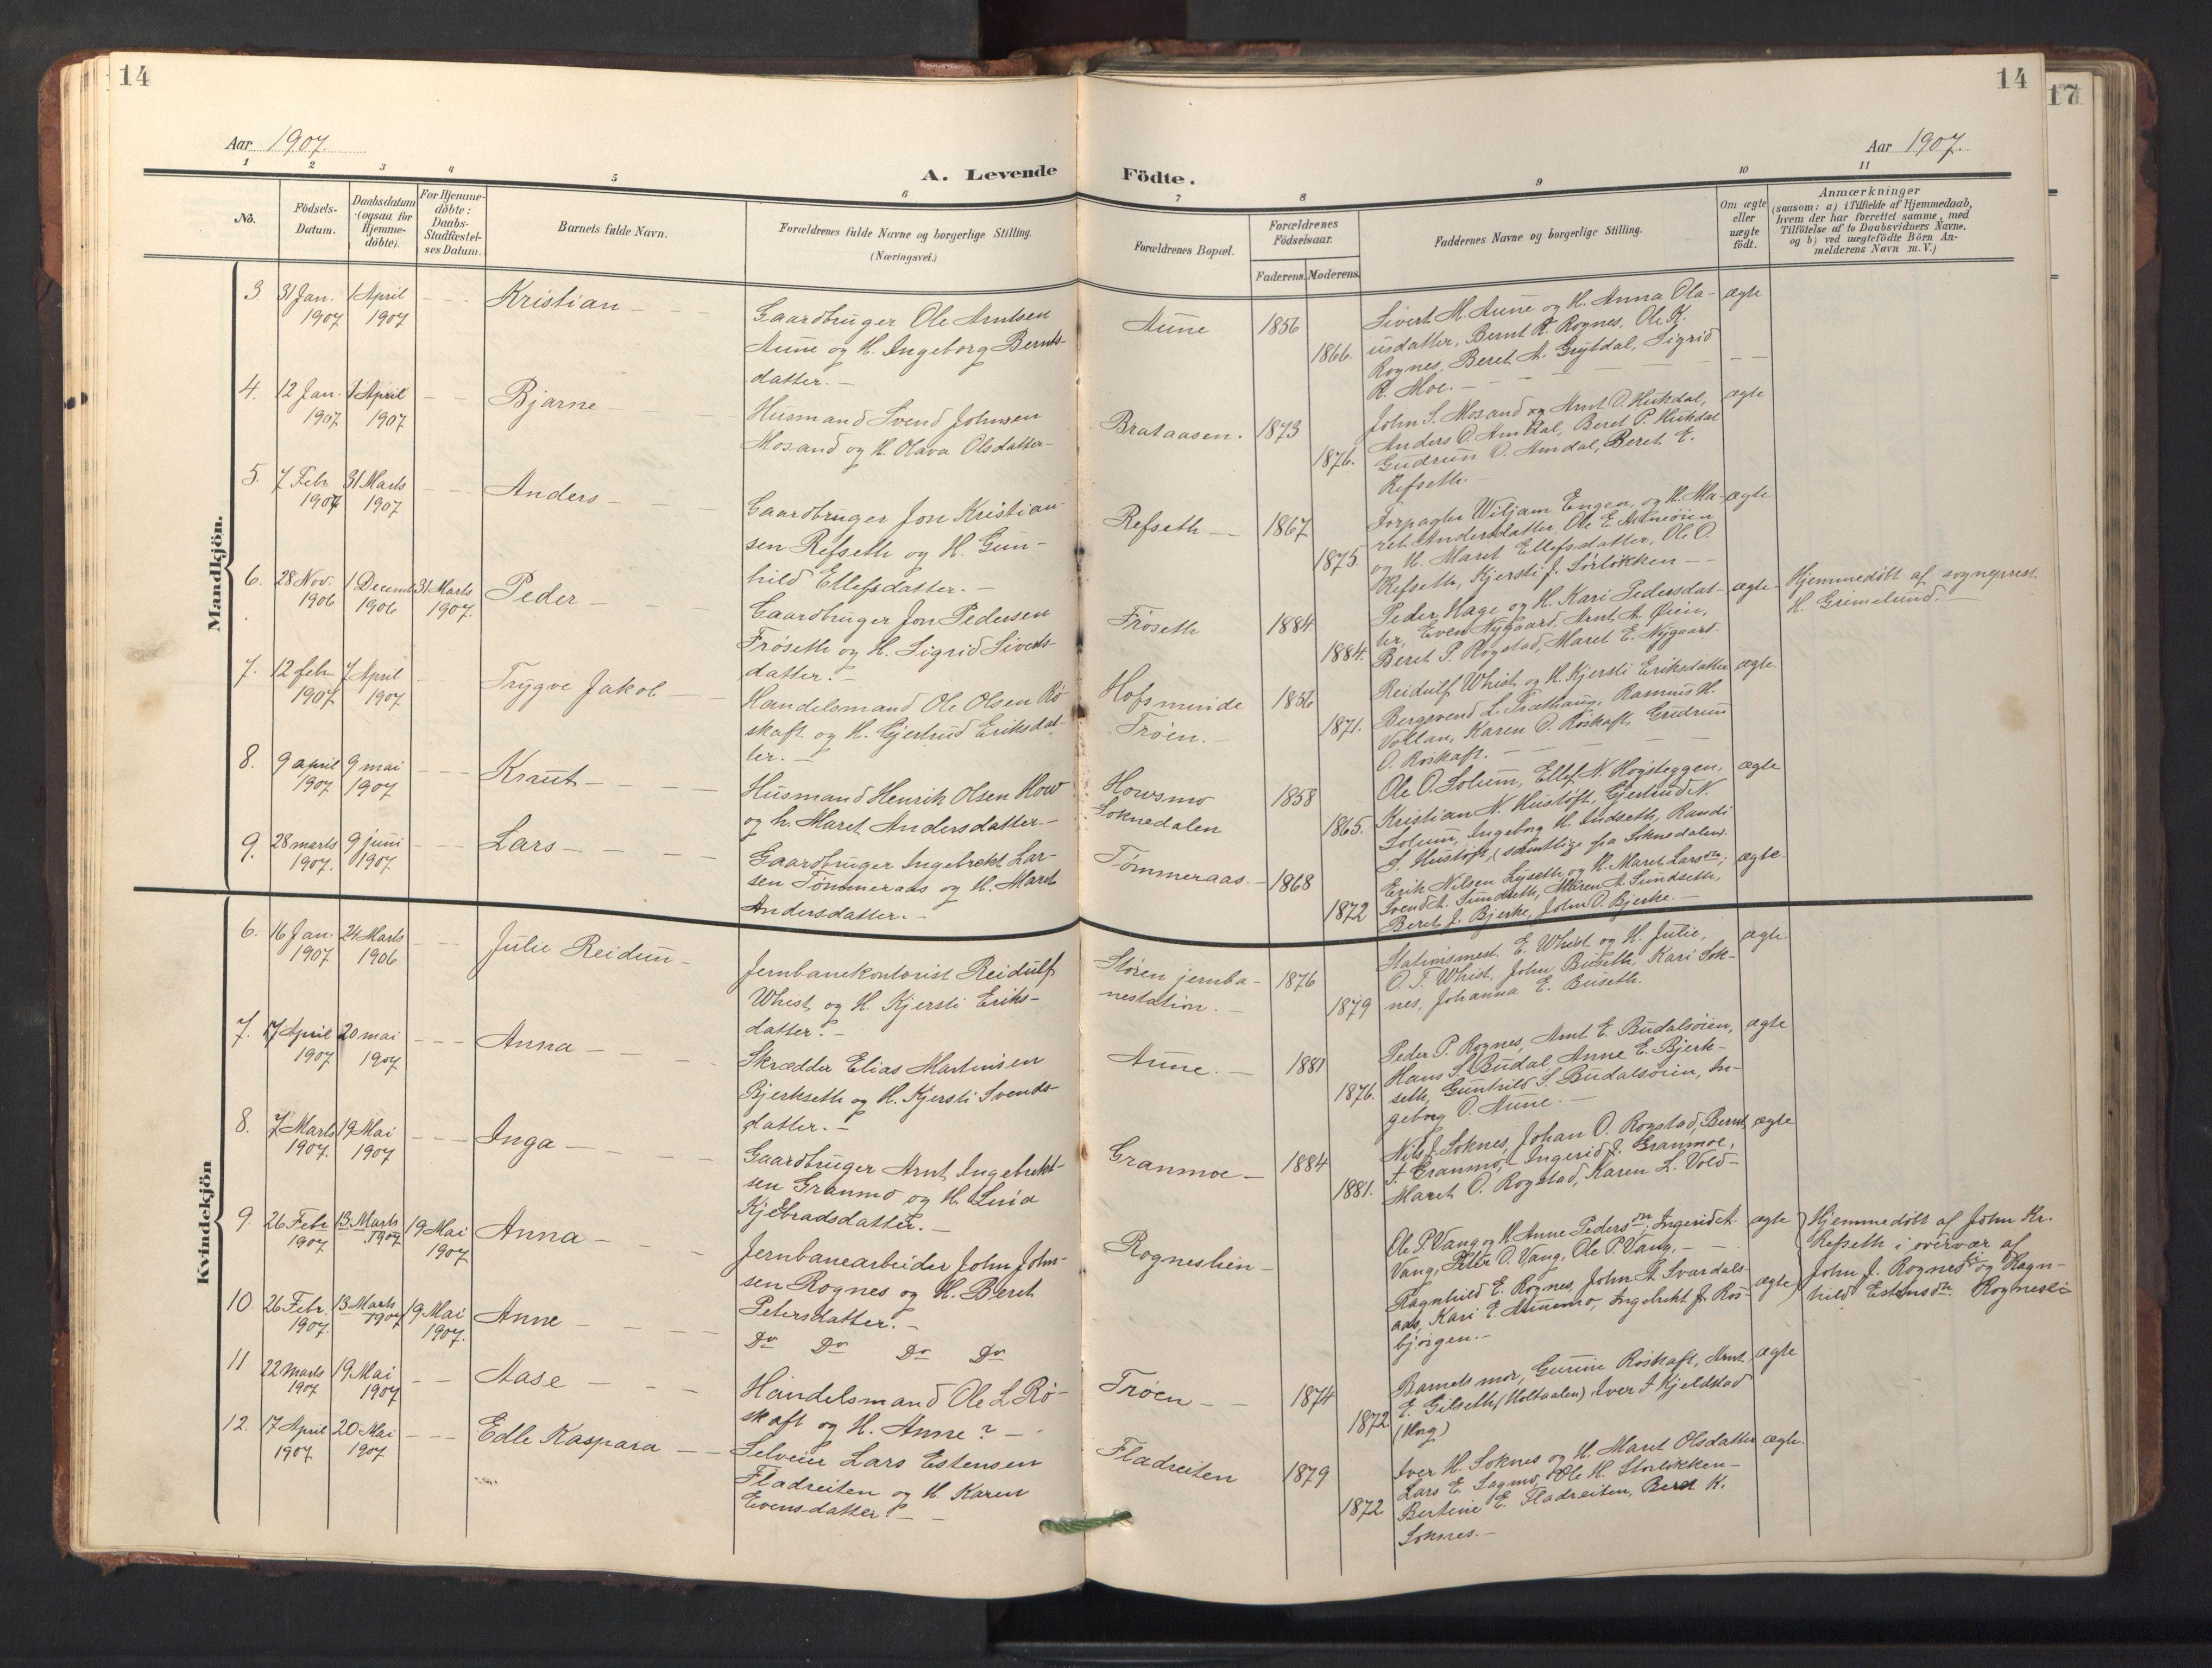 SAT, Ministerialprotokoller, klokkerbøker og fødselsregistre - Sør-Trøndelag, 687/L1019: Klokkerbok nr. 687C03, 1904-1931, s. 14